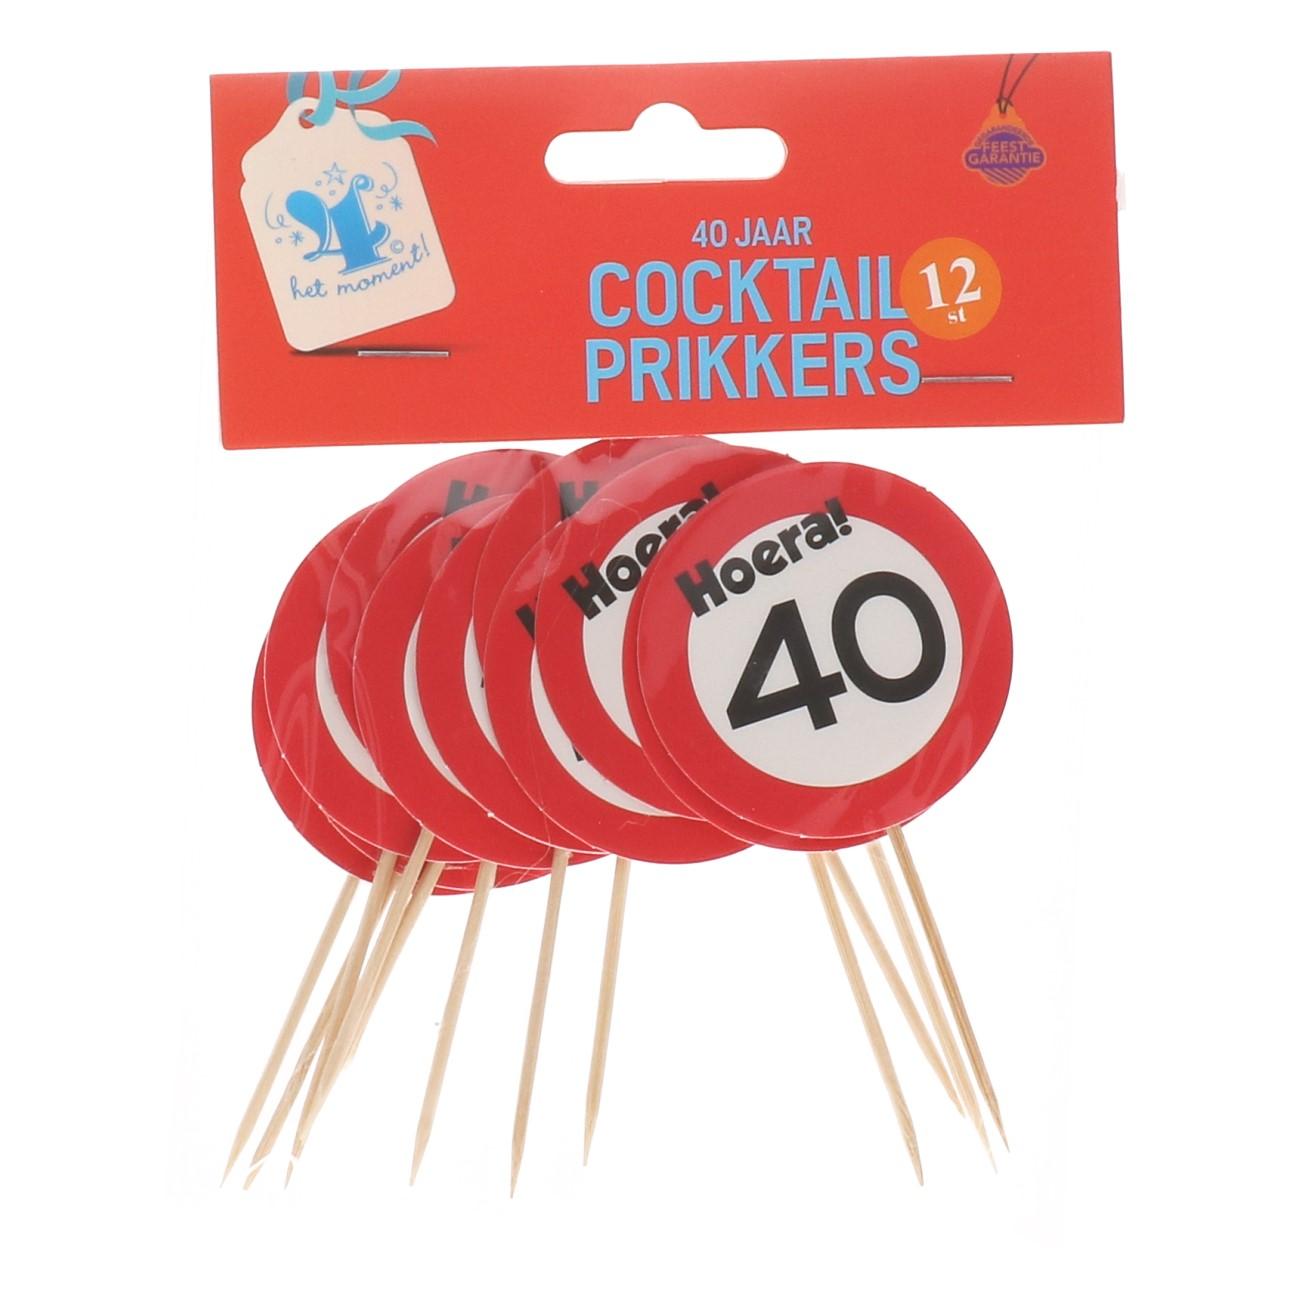 Cocktailprikkers 40 jaar 12 stuks